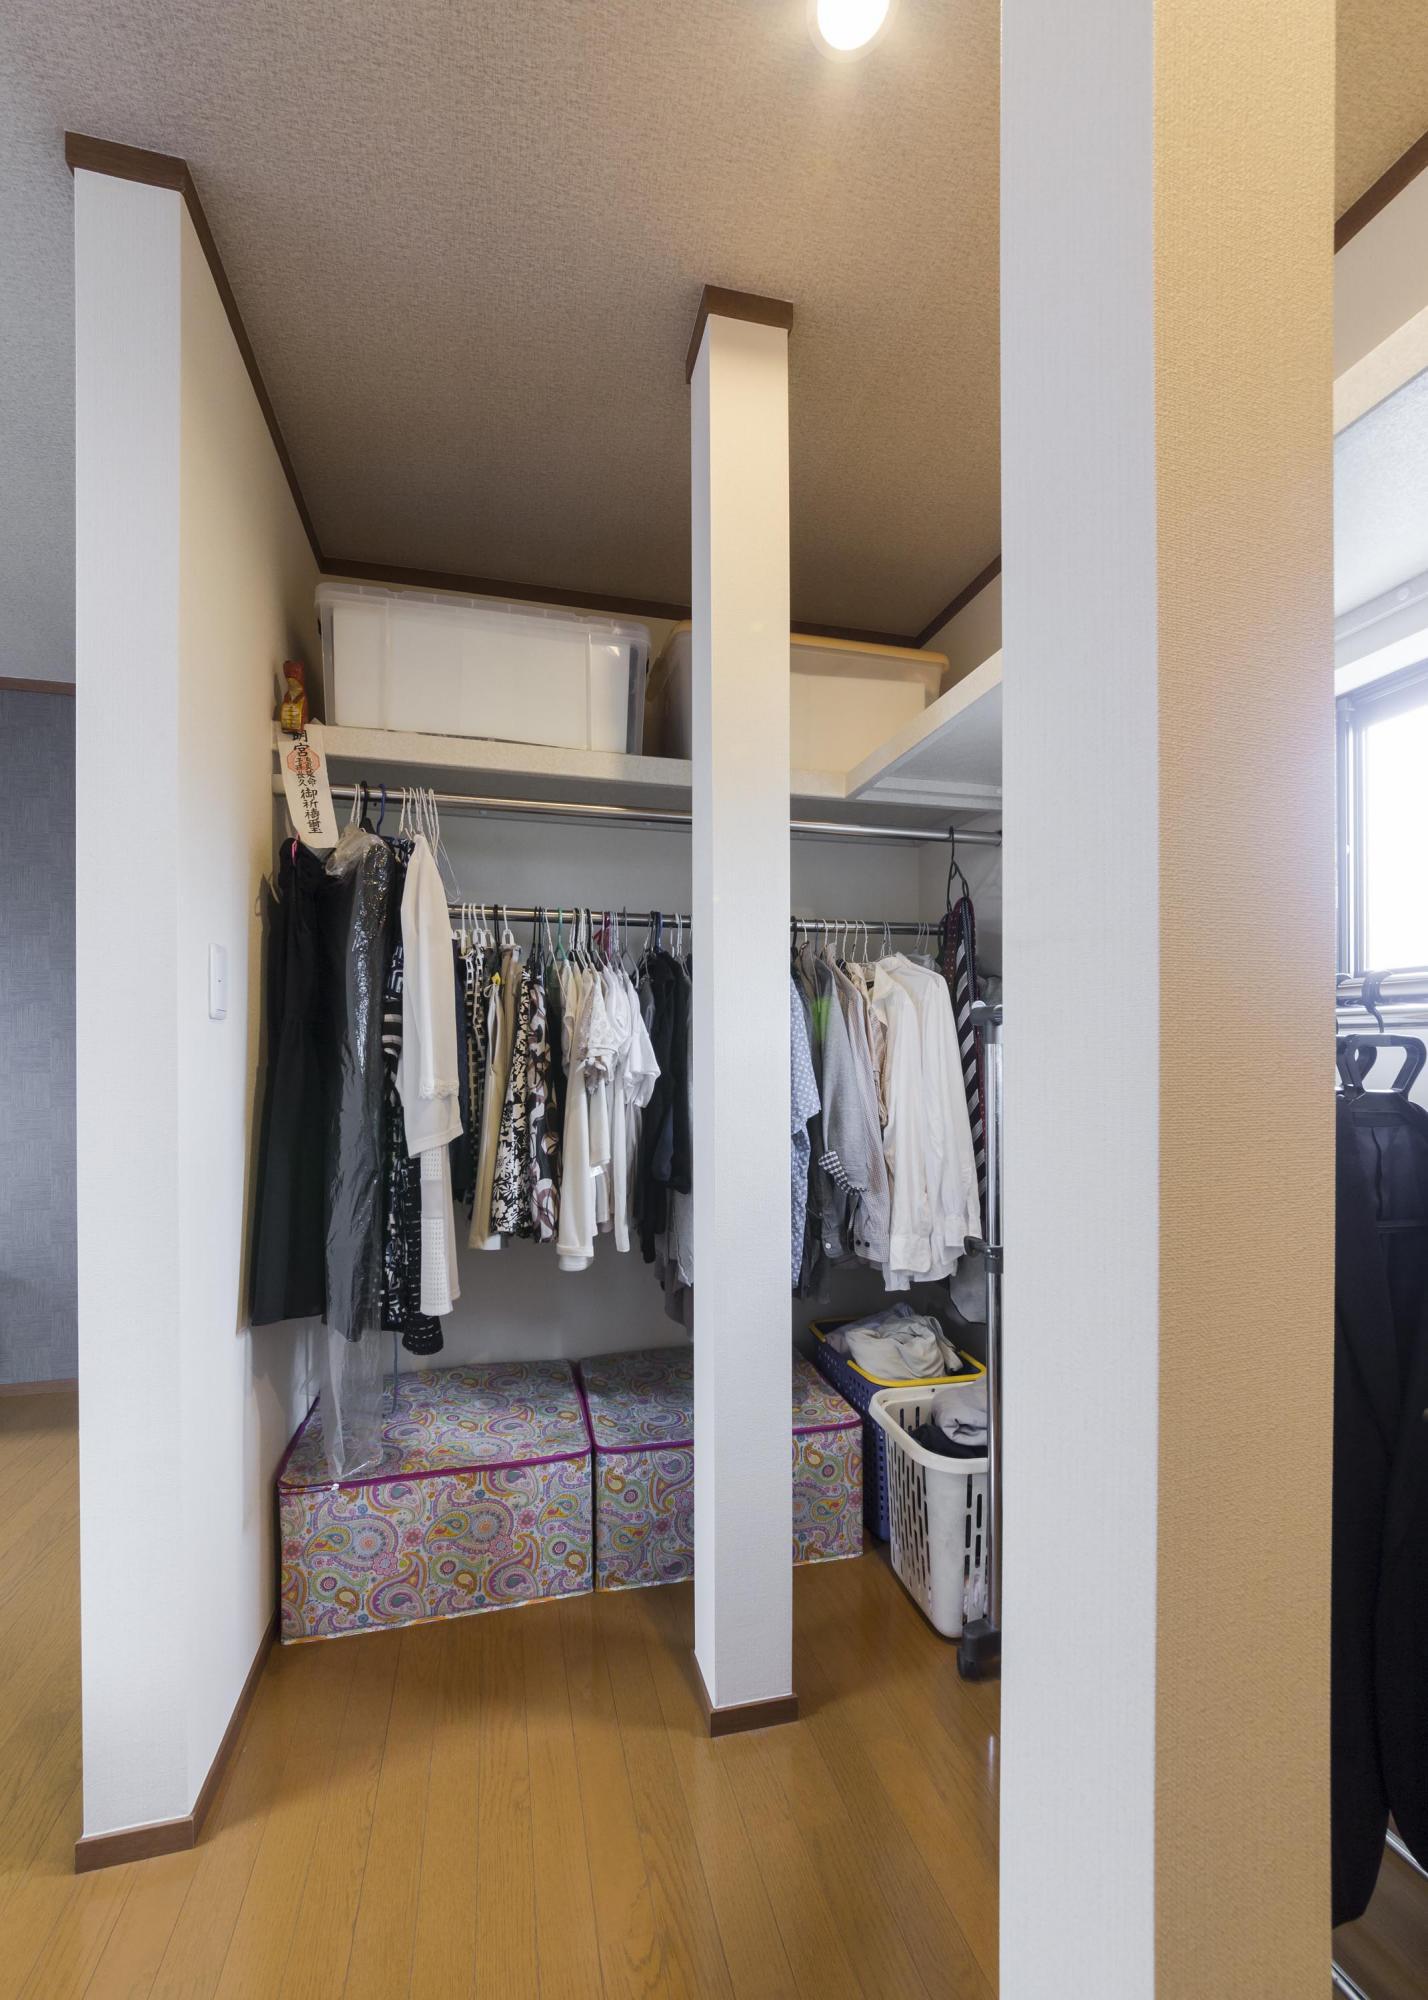 寝室に続くウォークインクロゼットは左右いっぱいにスペースをとり、十分な収納量に。窓を設けて通気性も考慮した。